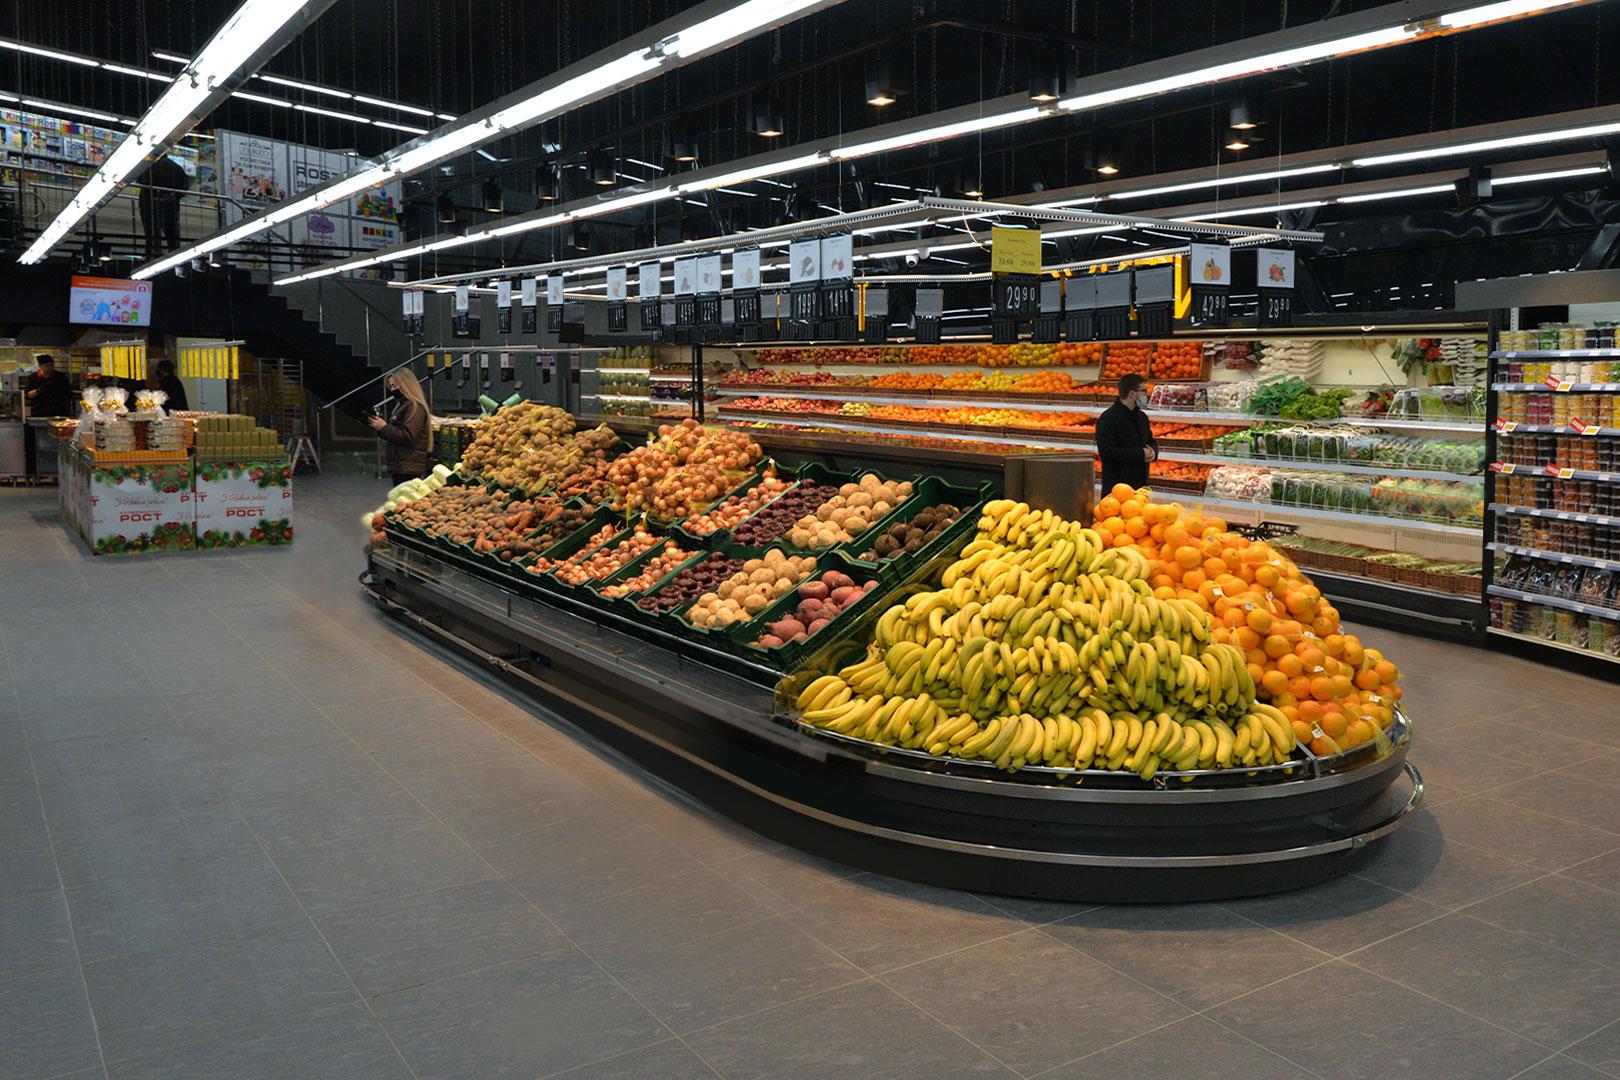 """Специализированные витрины для продажи овощей и фруктов Indiana VF MC 130 VF self 140-DLM, Indiana MV 080 FV O 220-DLM в супермаркете """"Рост"""""""